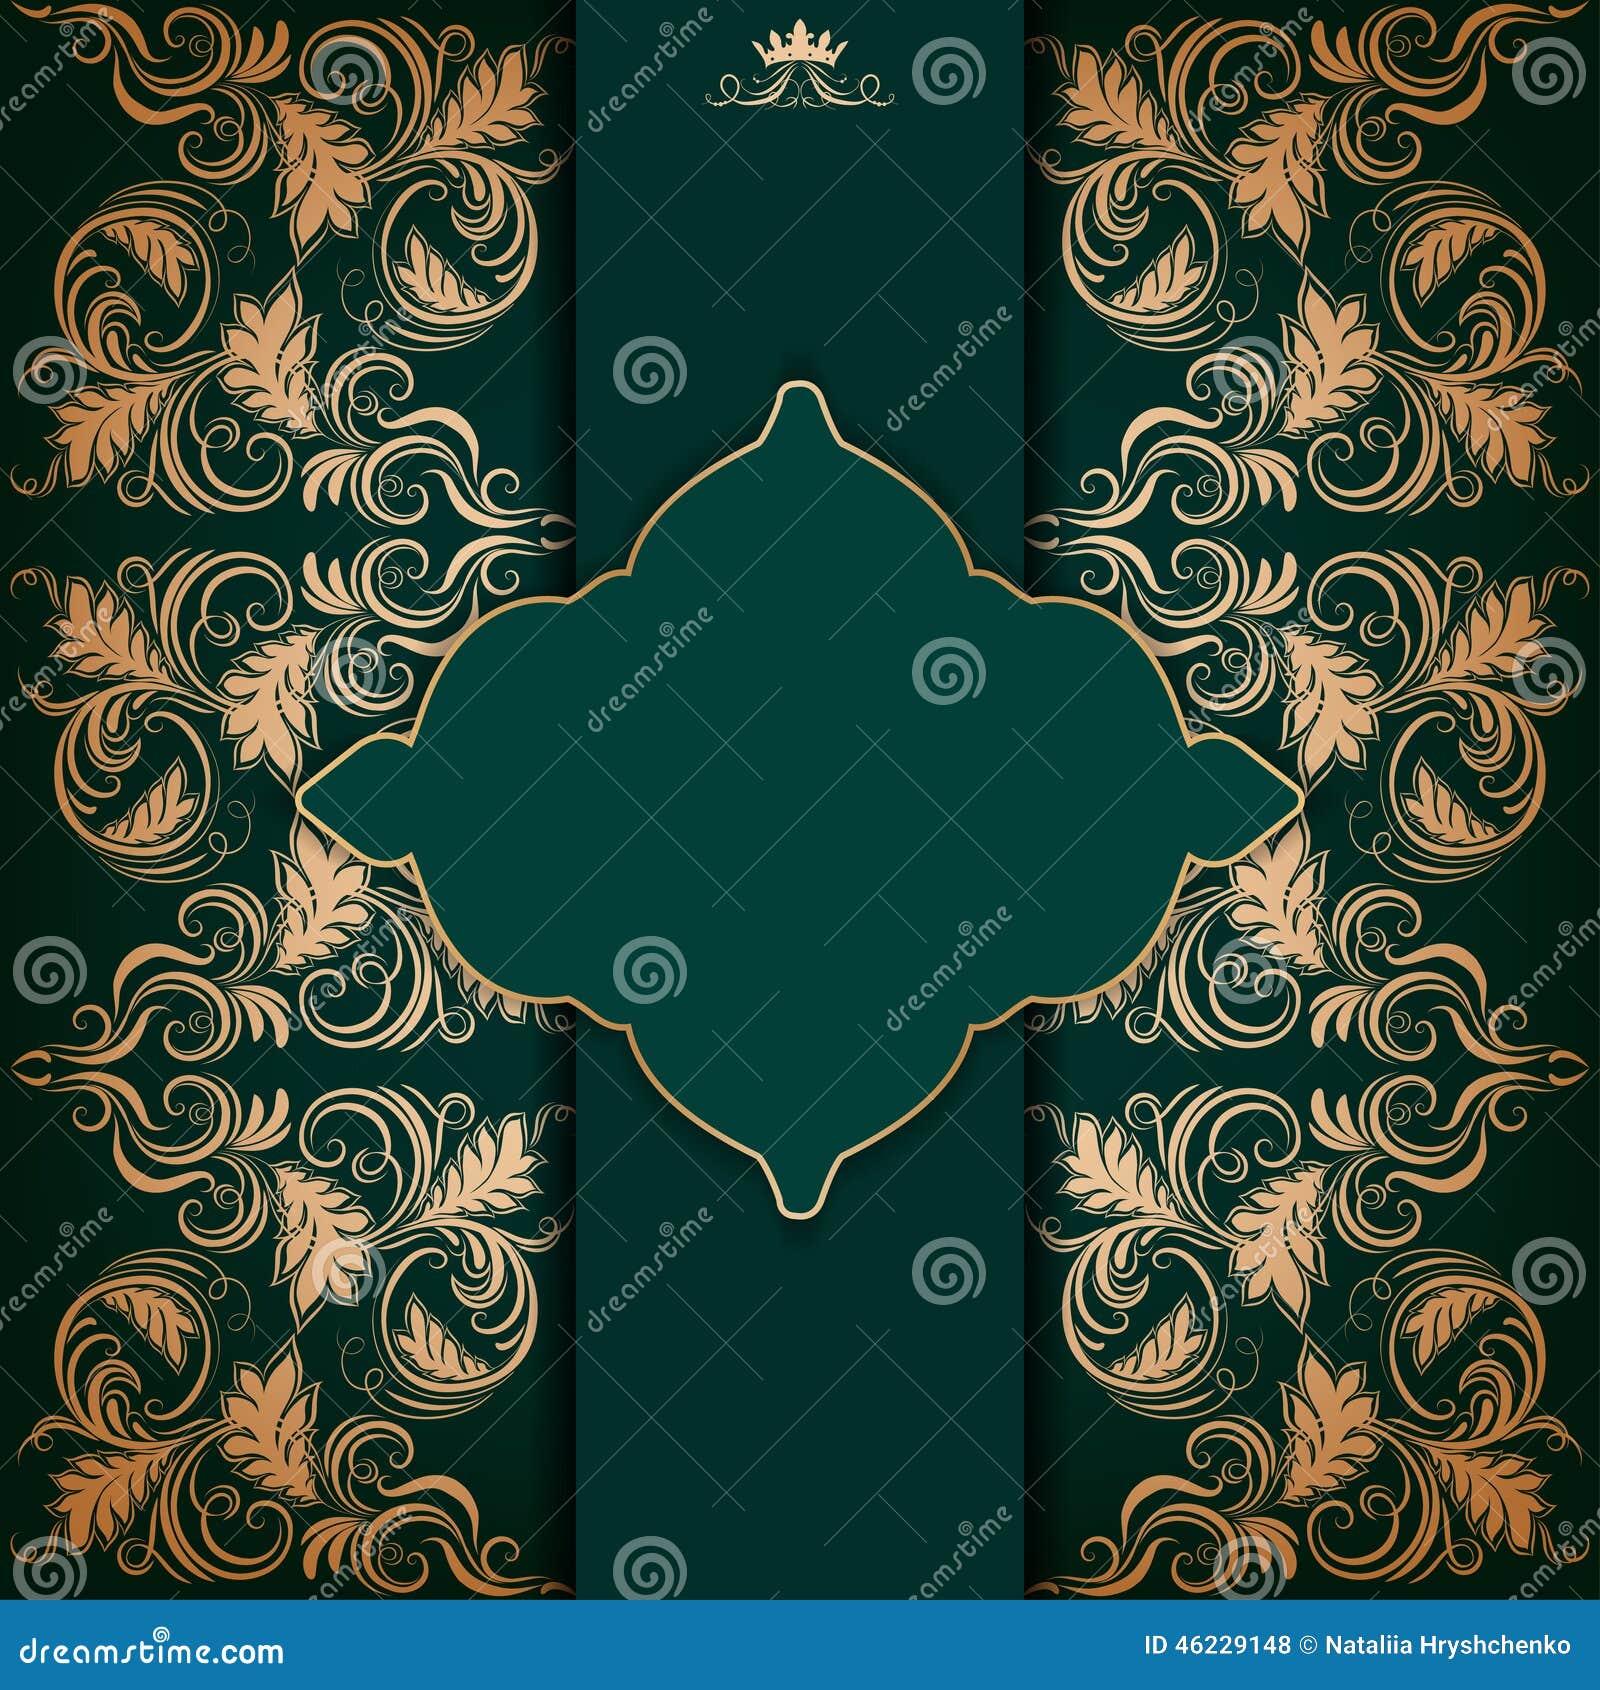 elegant filigree background with - photo #6